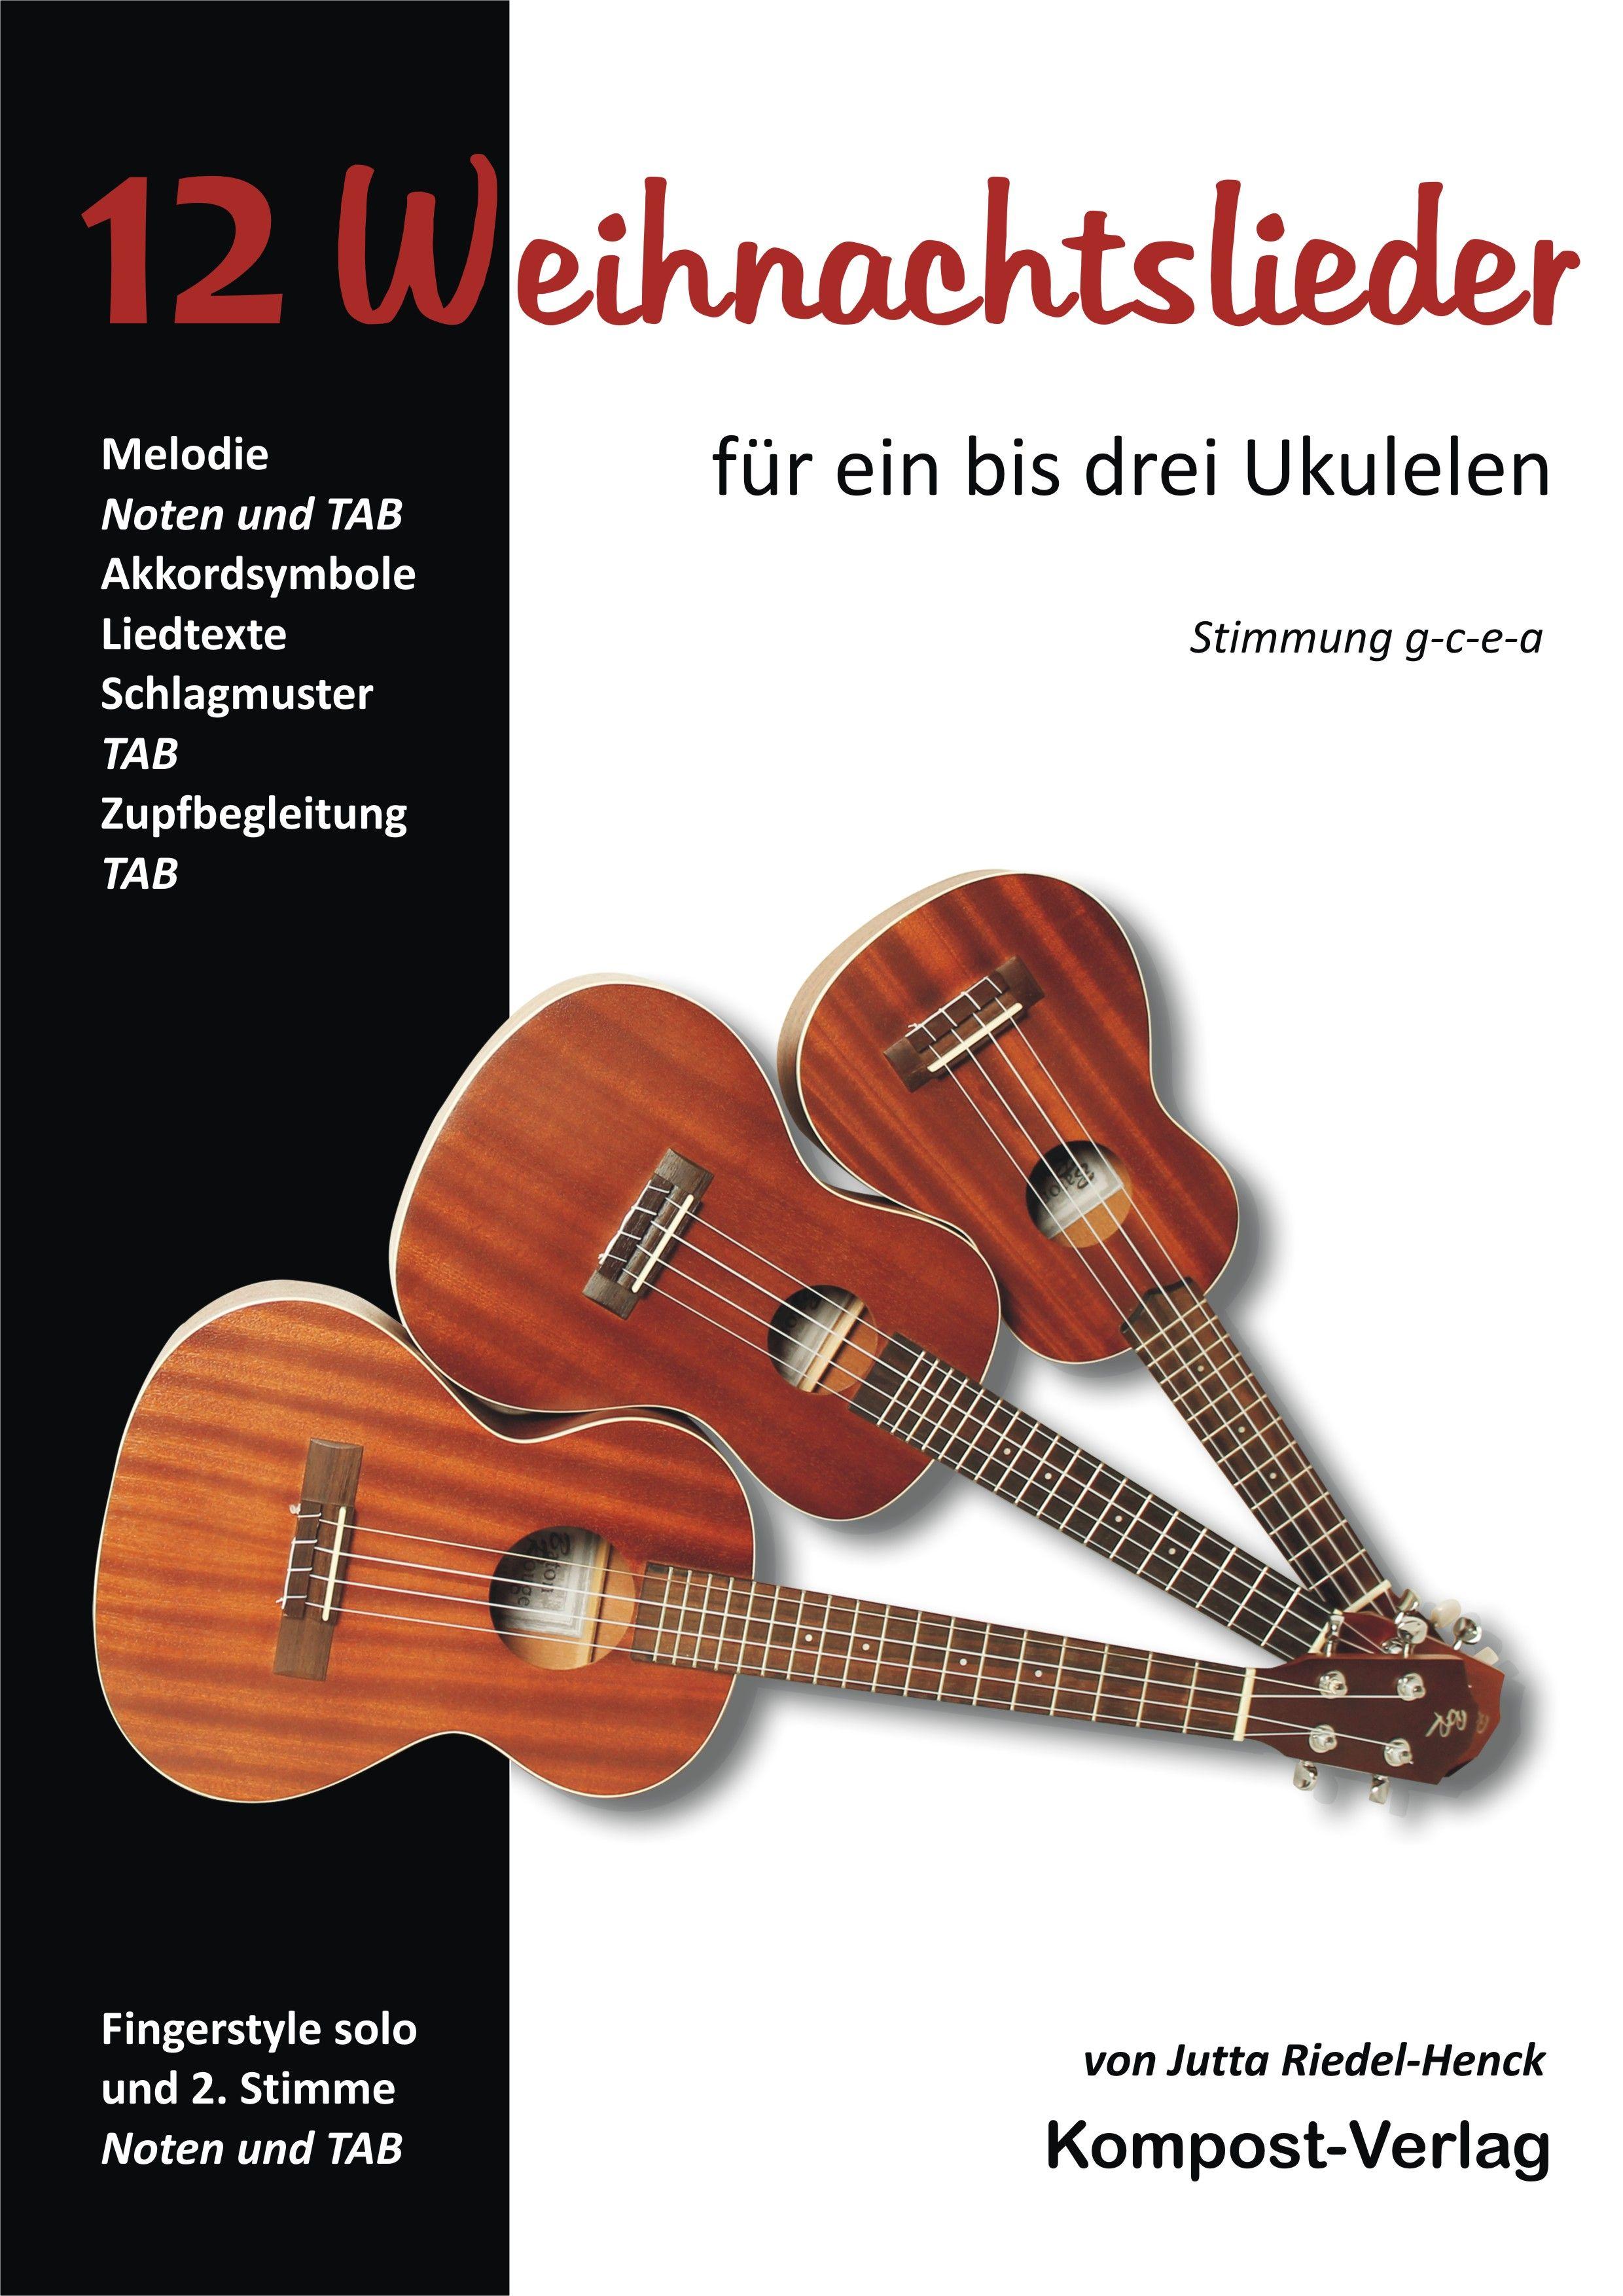 12 Weihnachtslieder für ein bis drei Ukulelen von Riedel-Henck, Jutta